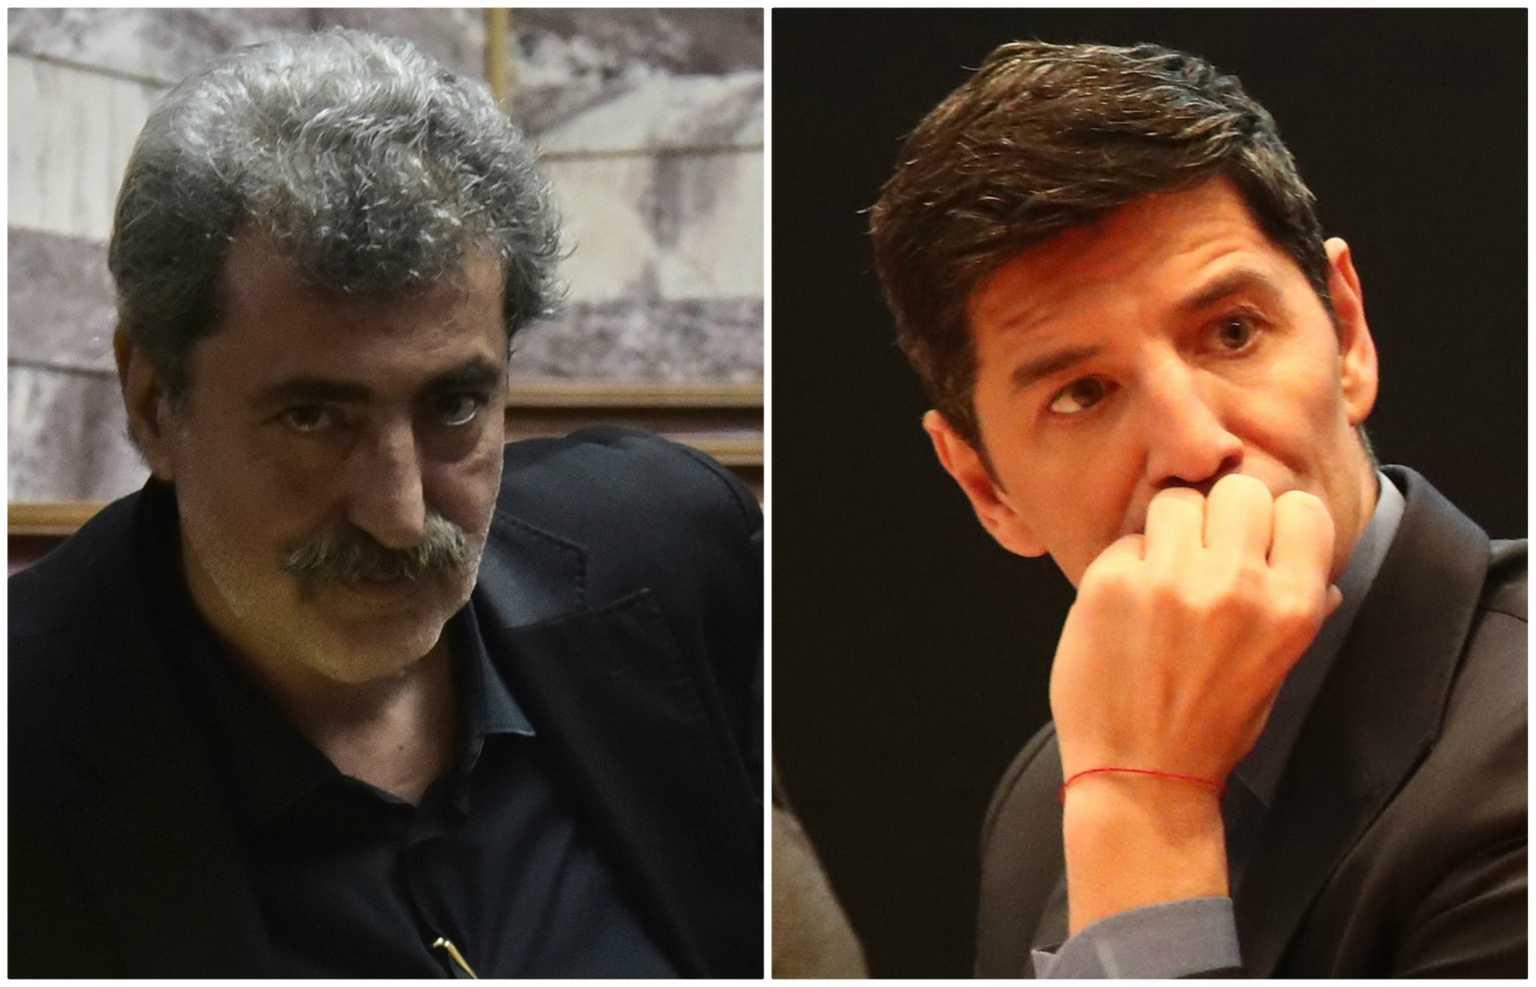 Παύλος Πολάκης για Σάκη Ρουβά: «Τα ζητάει ο οργανισμός του – Παραδέχεσαι κακομοίρη μου…»